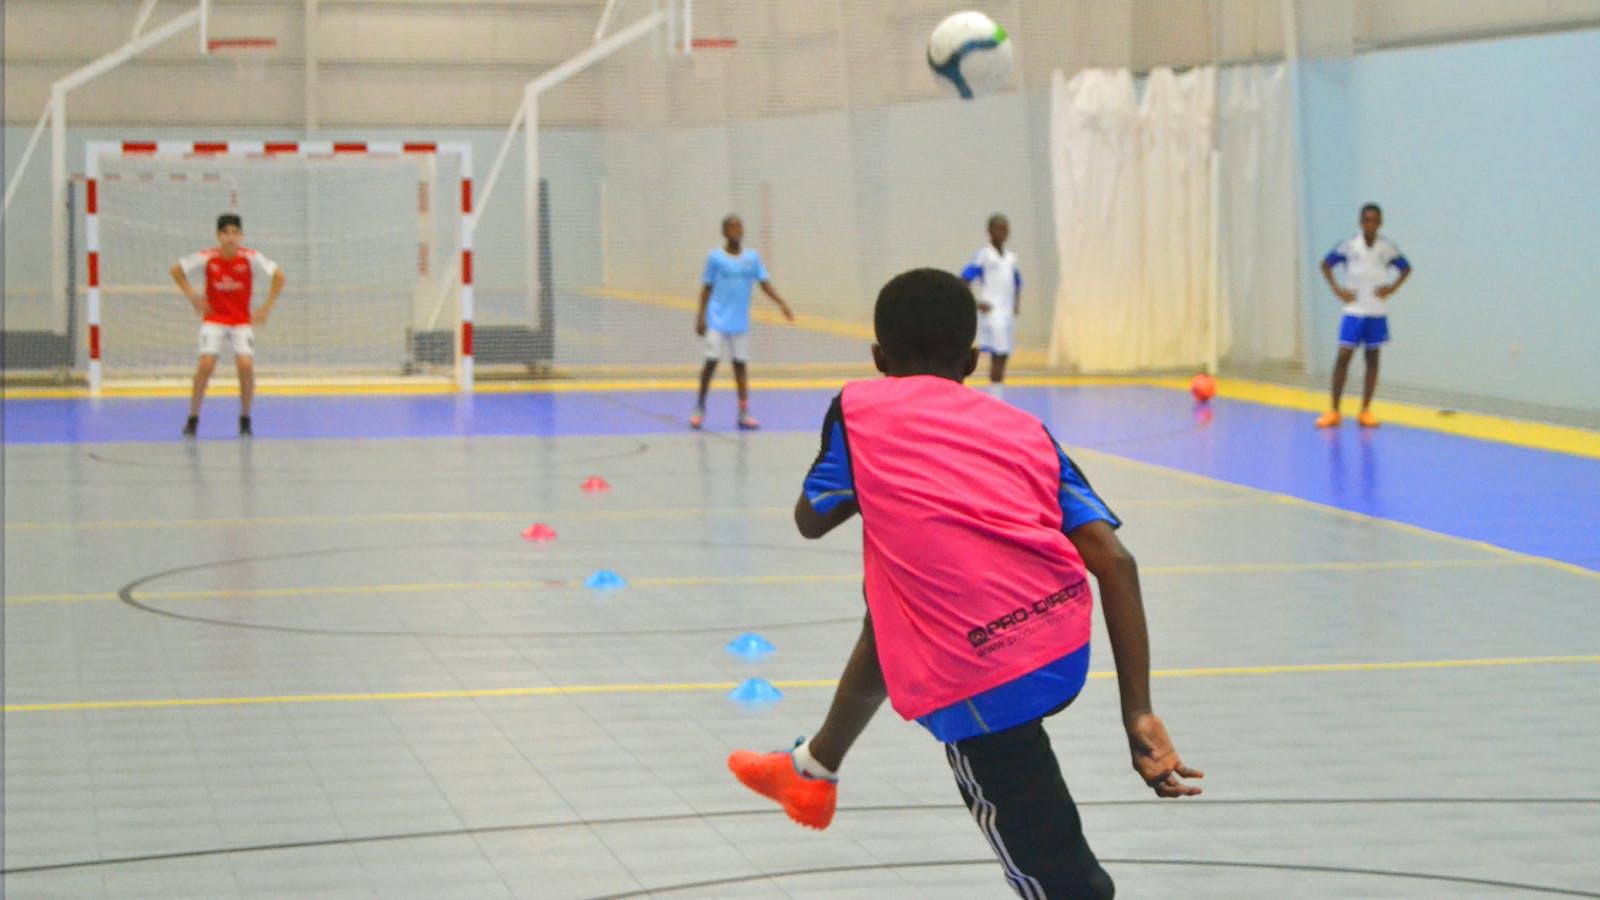 Dubai Stars® Sportsplex®1